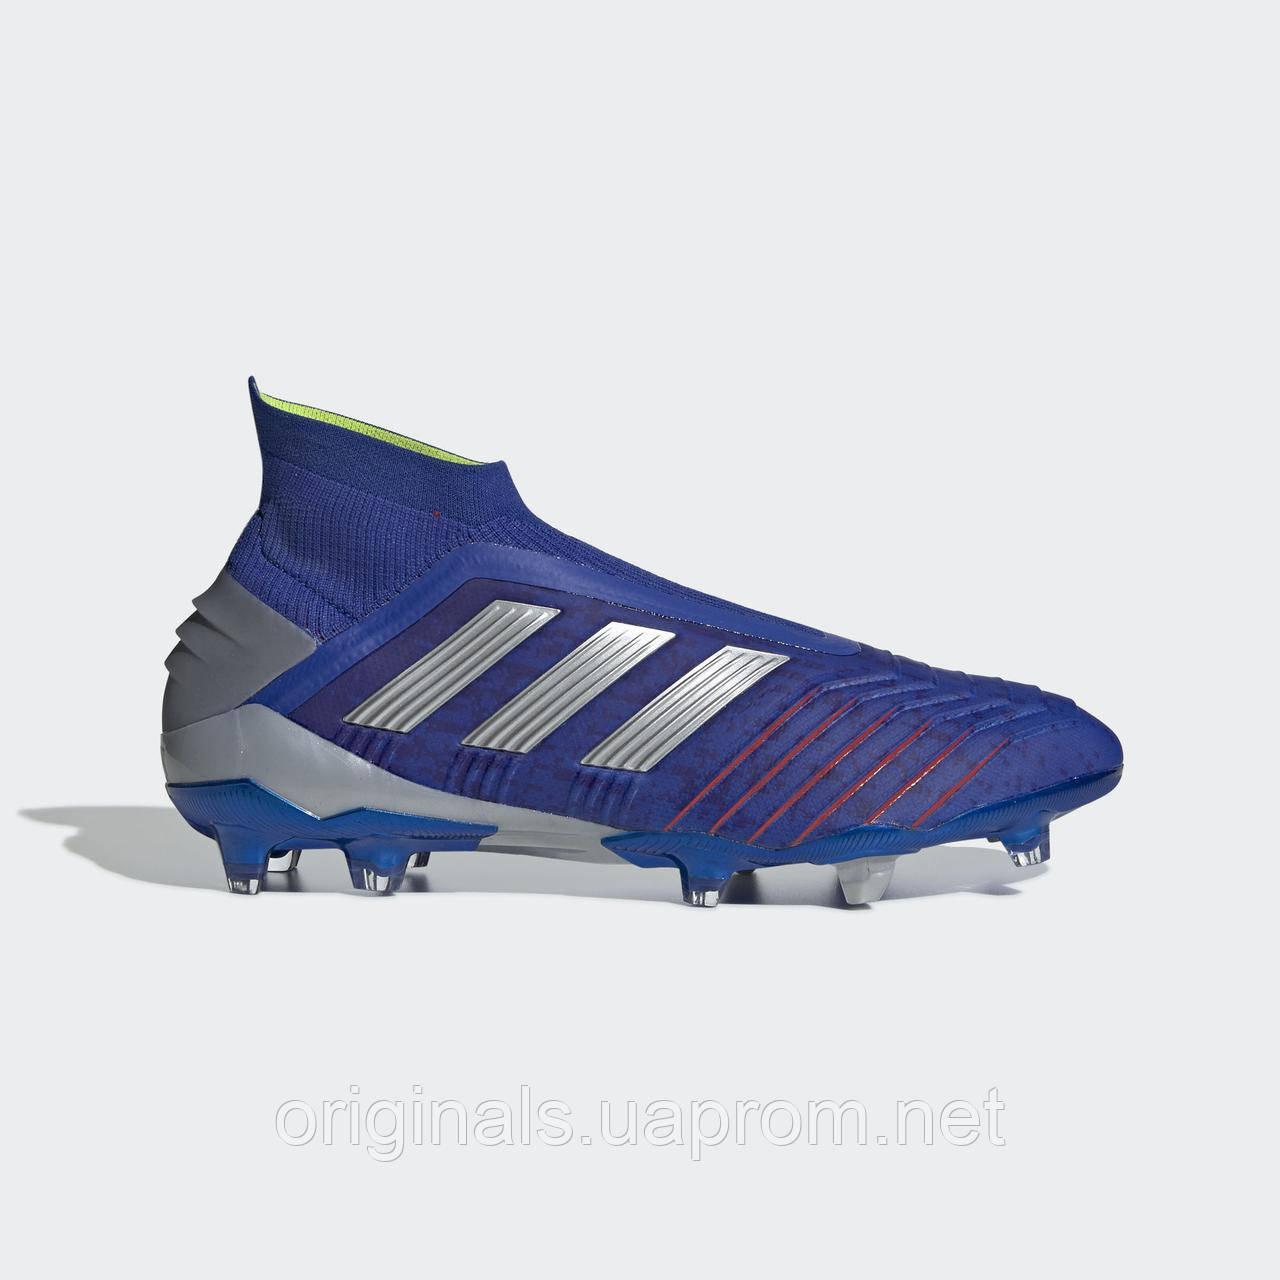 8b9a0e1b Футбольные бутсы Adidas Predator 19+ FG BB9087 - 2019 - интернет-магазин  Originals -